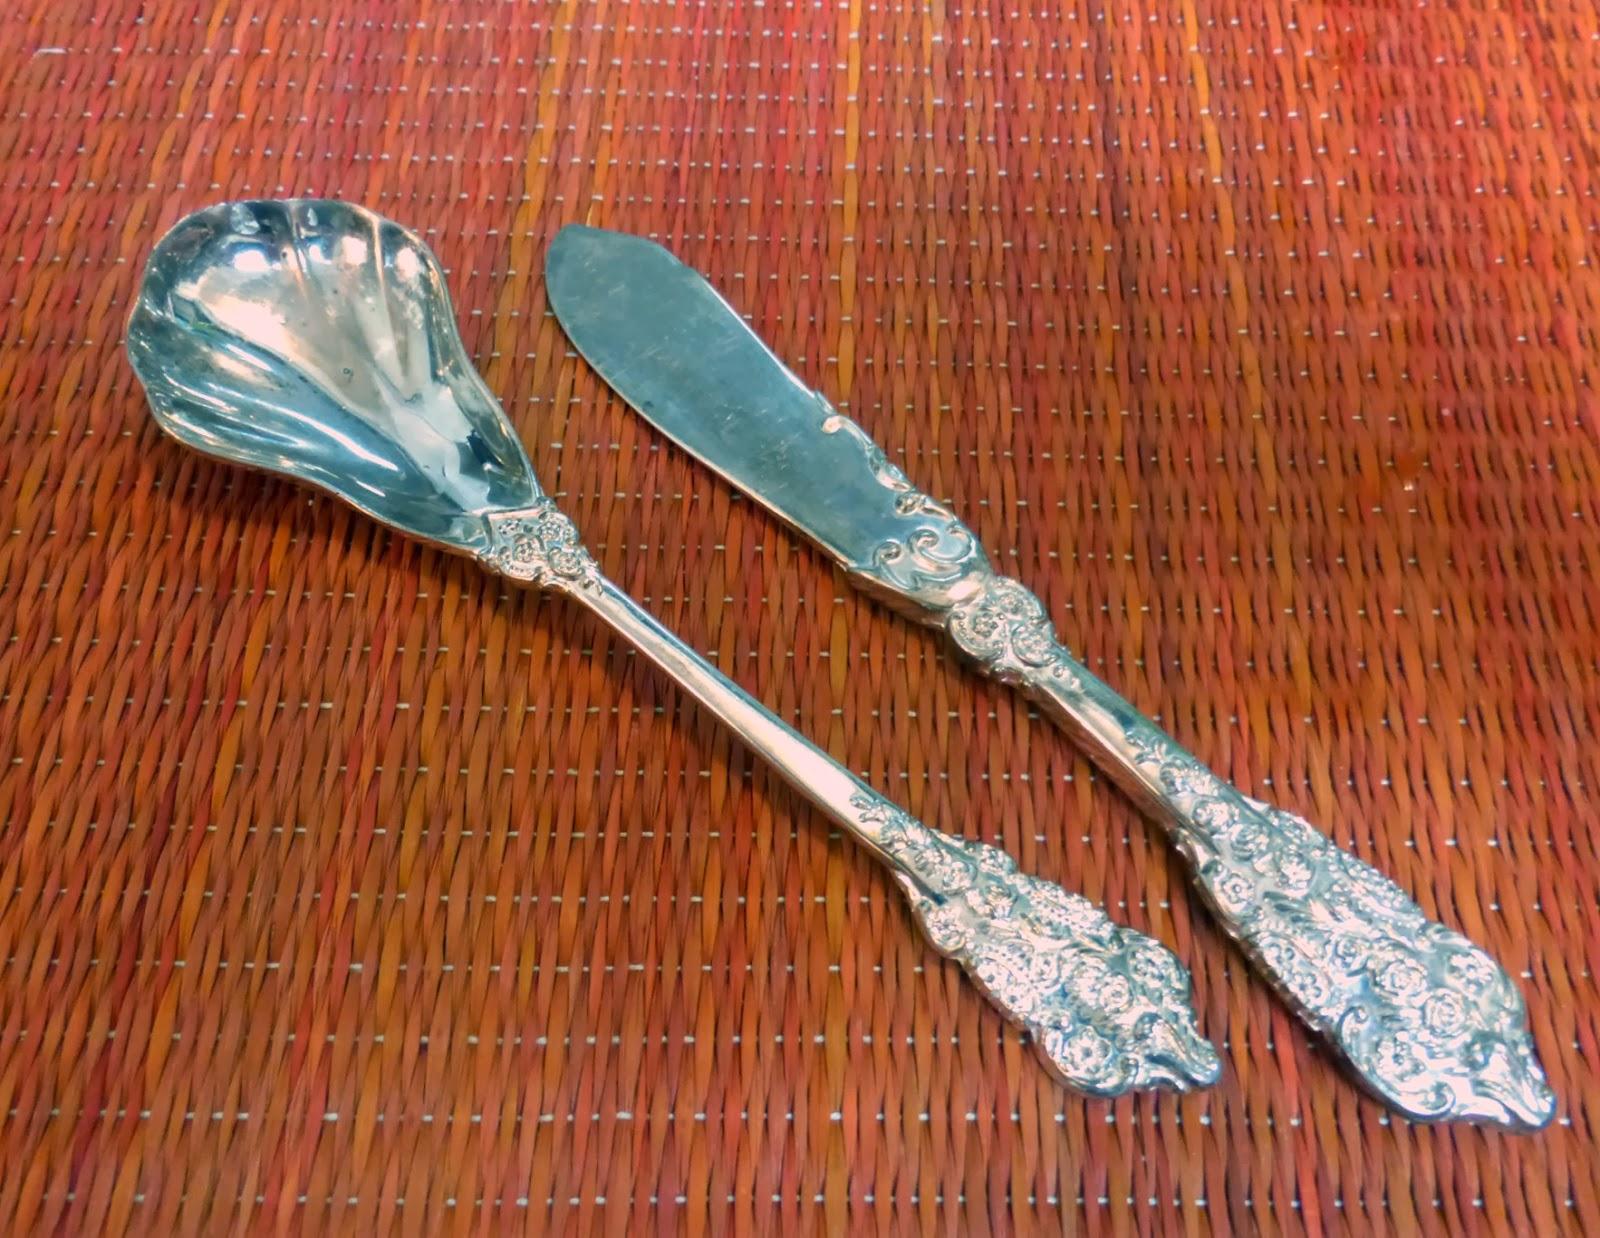 Diy silver polish using baking soda